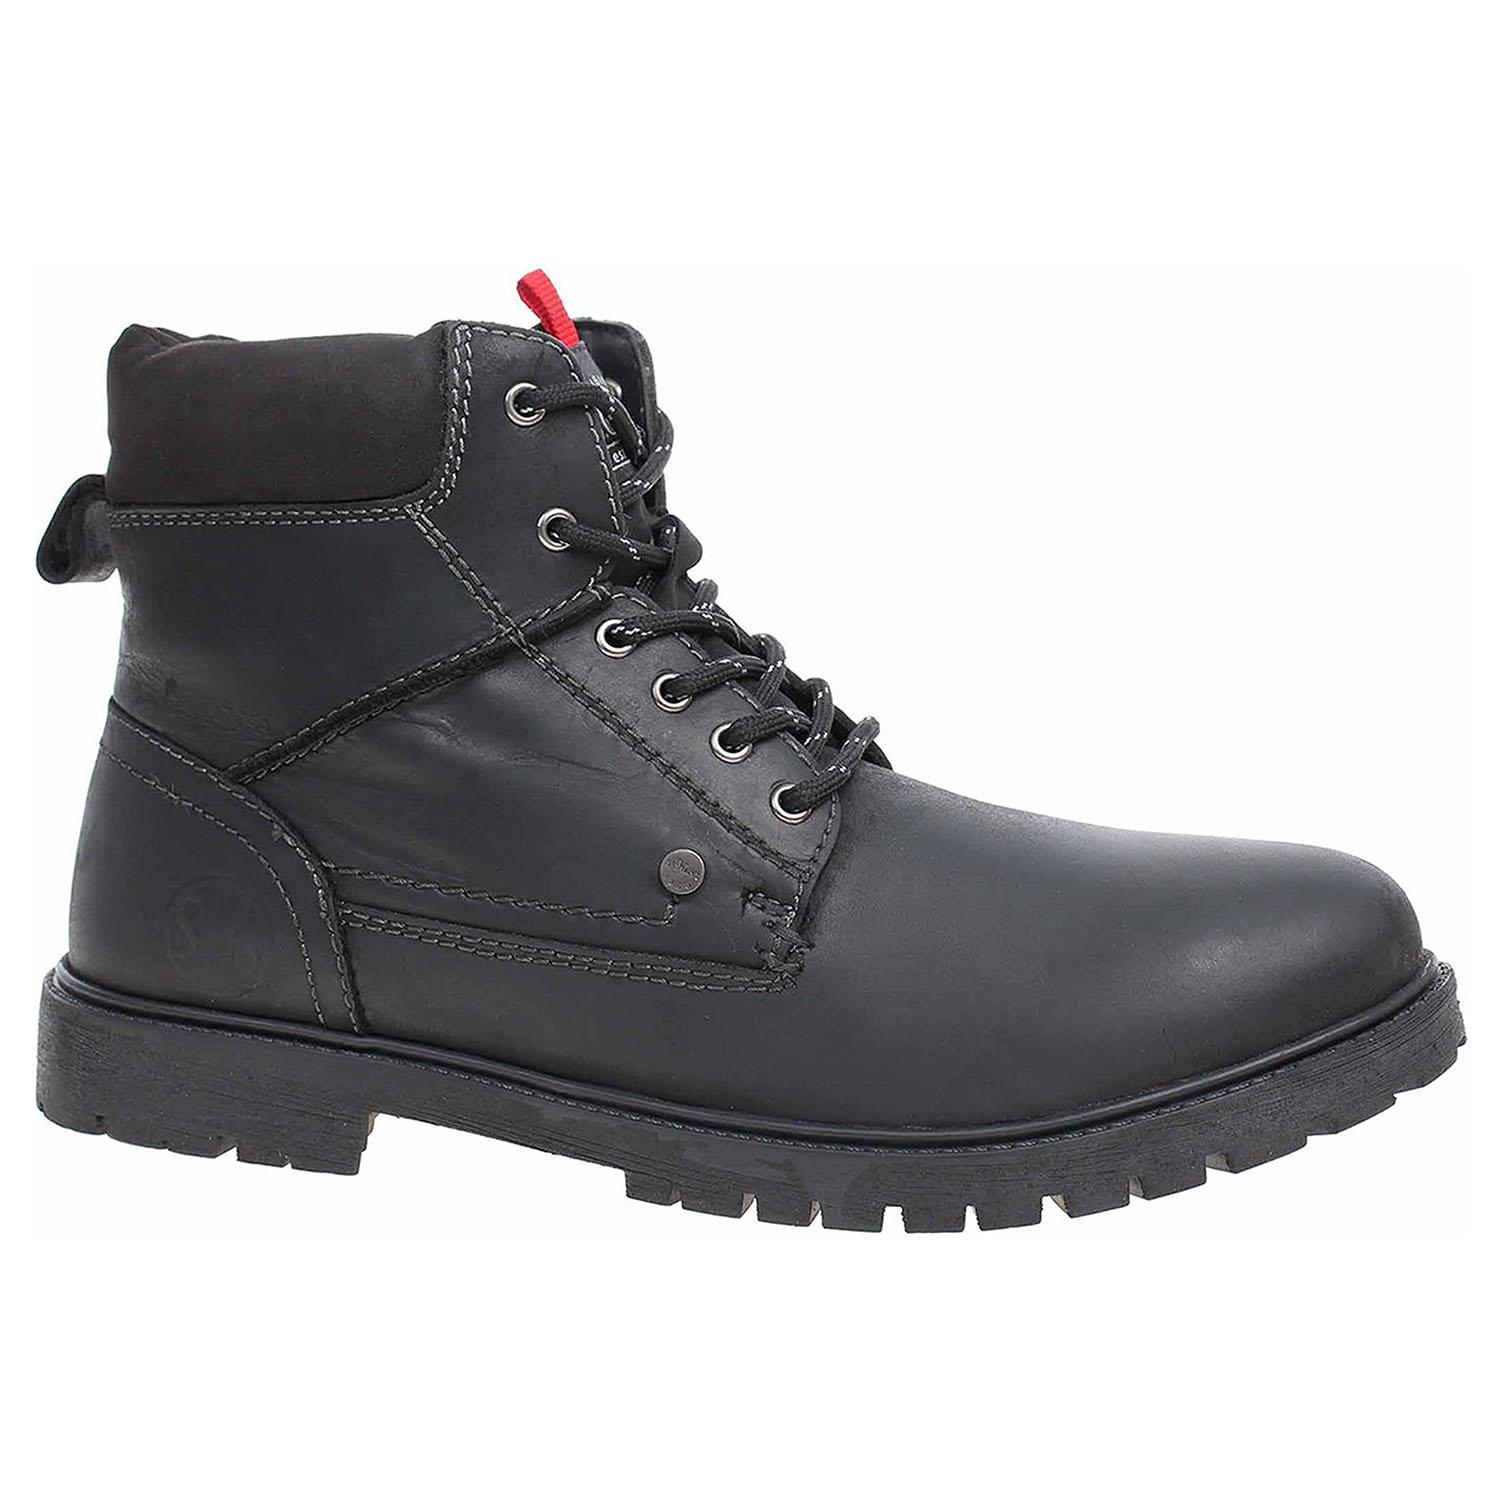 Pánská kotníková obuv s.Oliver 5-15218-21 black 5-5-15218-21 001 43